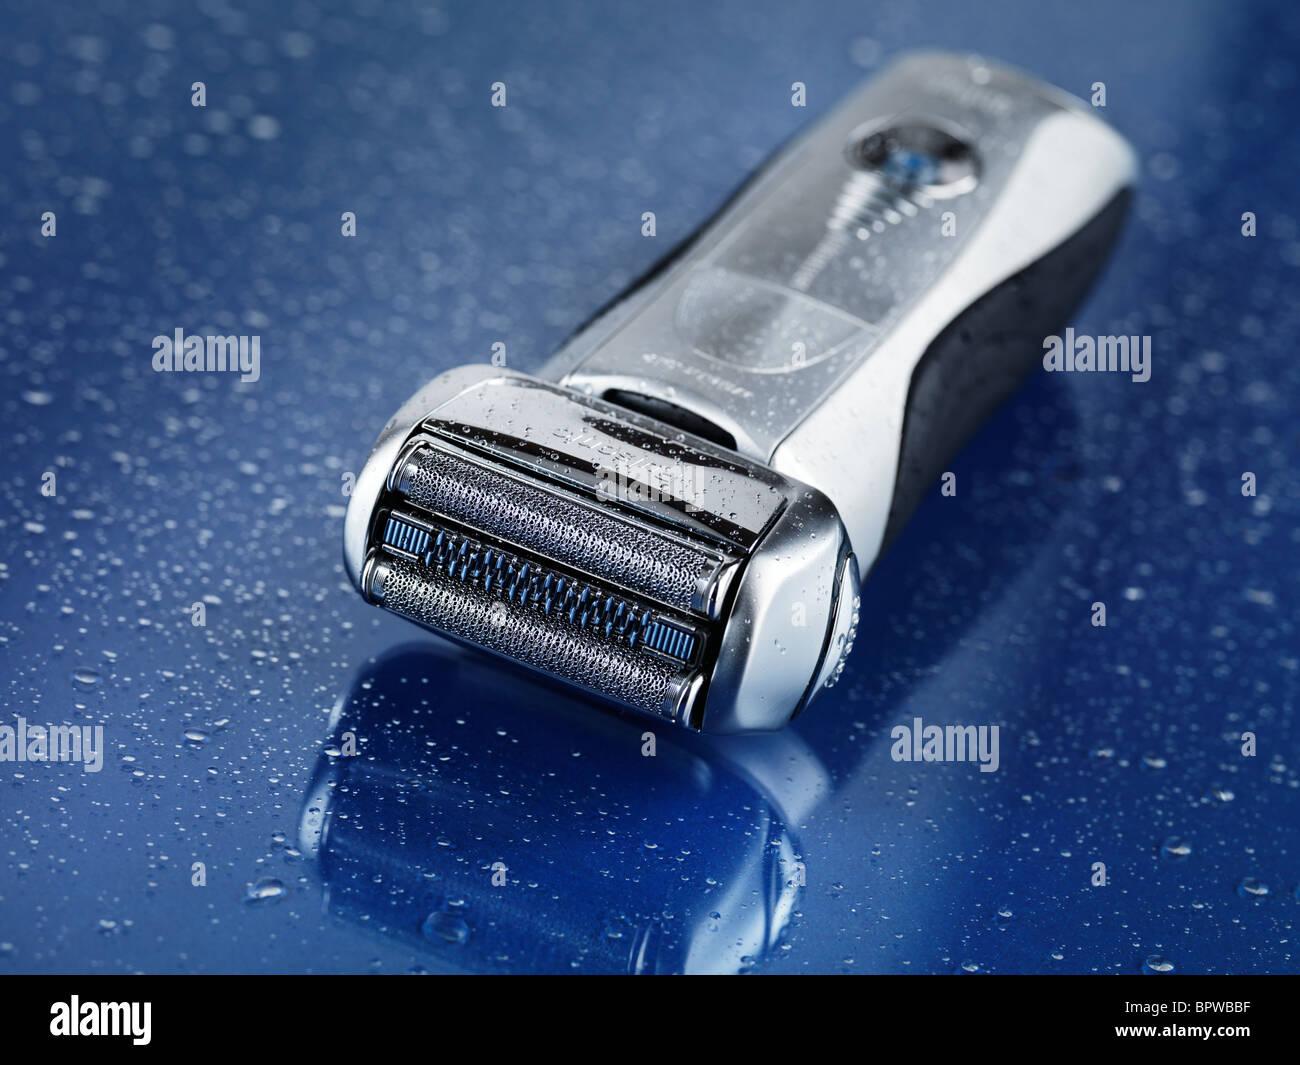 Braun Stock Photos & Braun Stock Images - Alamy